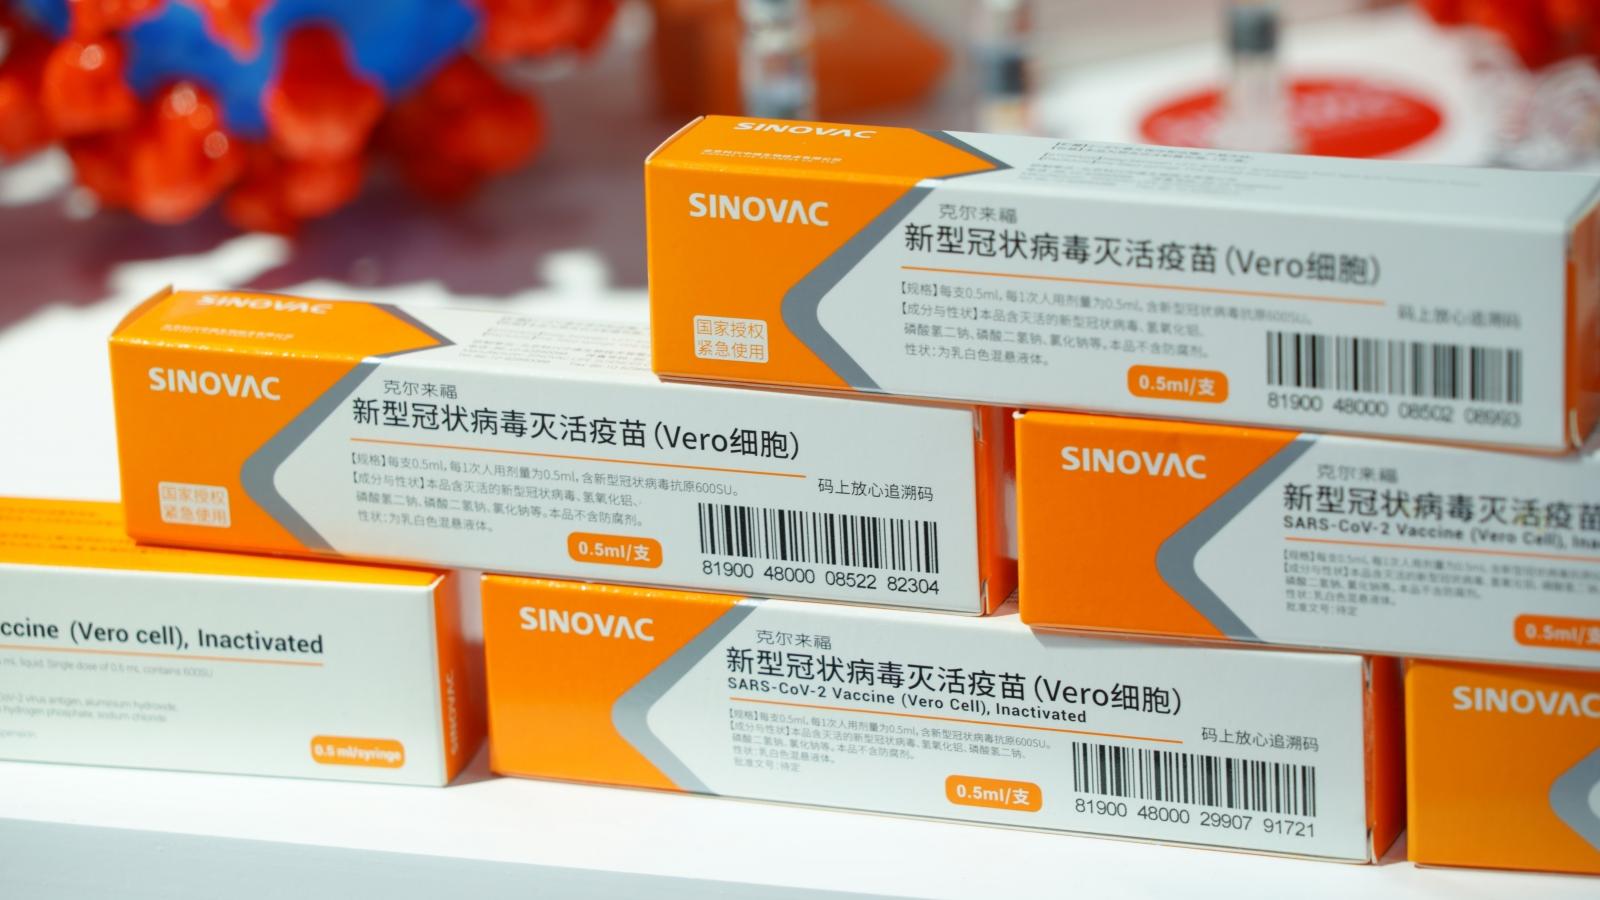 Trung Quốc thử nghiệm tiêm liều vaccine Covid-19 thứ 3: Kháng thể tăng từ 3 đến 5 lần